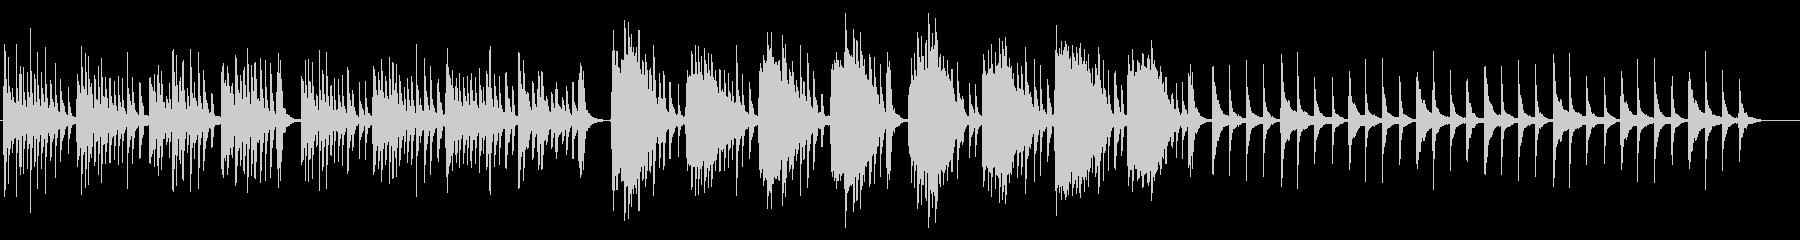 和風で切ないピアノとストリングスBGMの未再生の波形